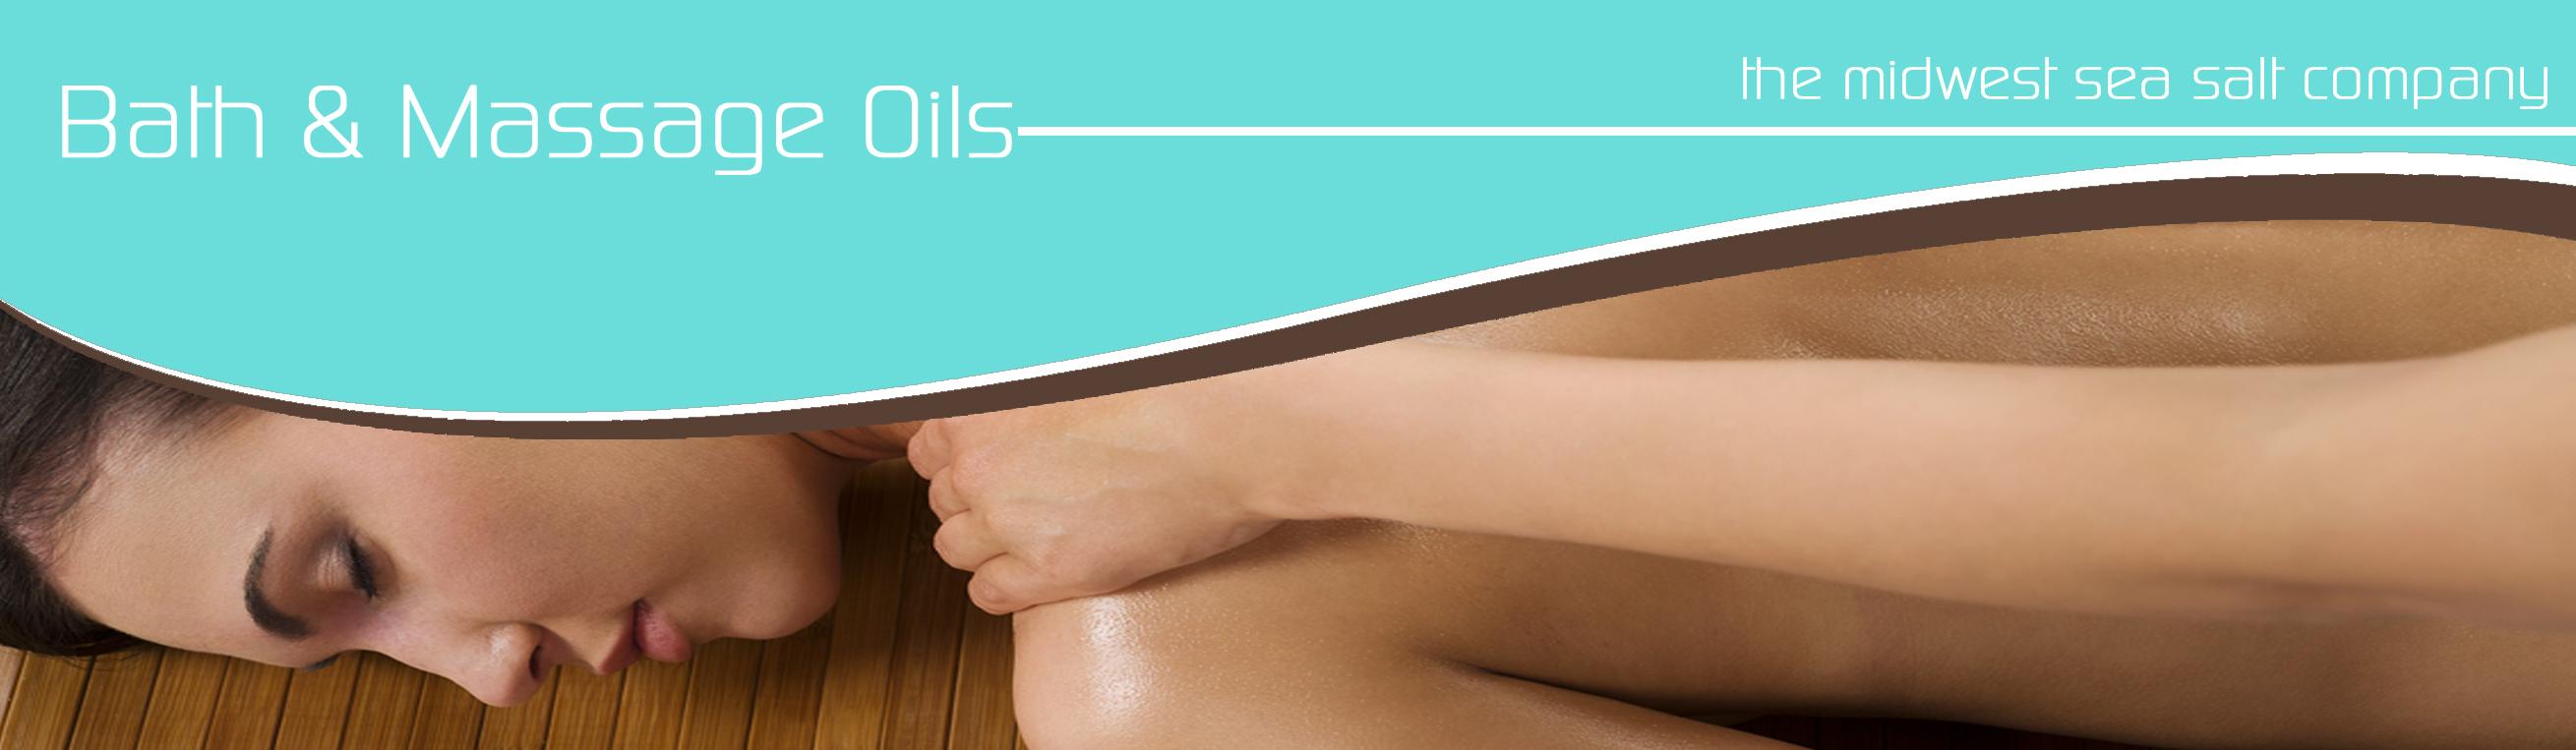 bath-massage-oils-midwest-sea-salt.jpg